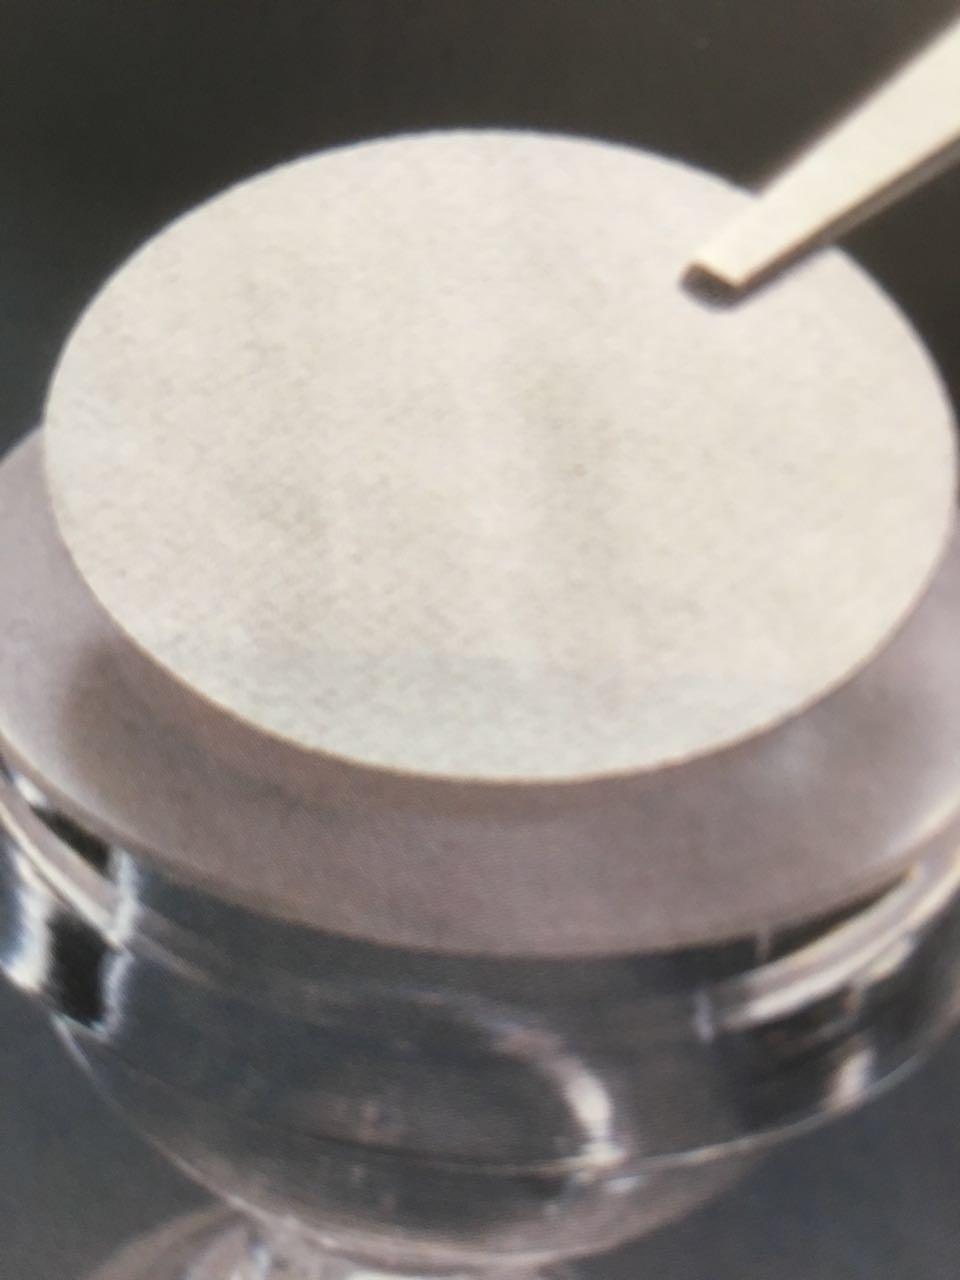 刚果红试纸药典北京华科盛精细化工产品贸易有限公司